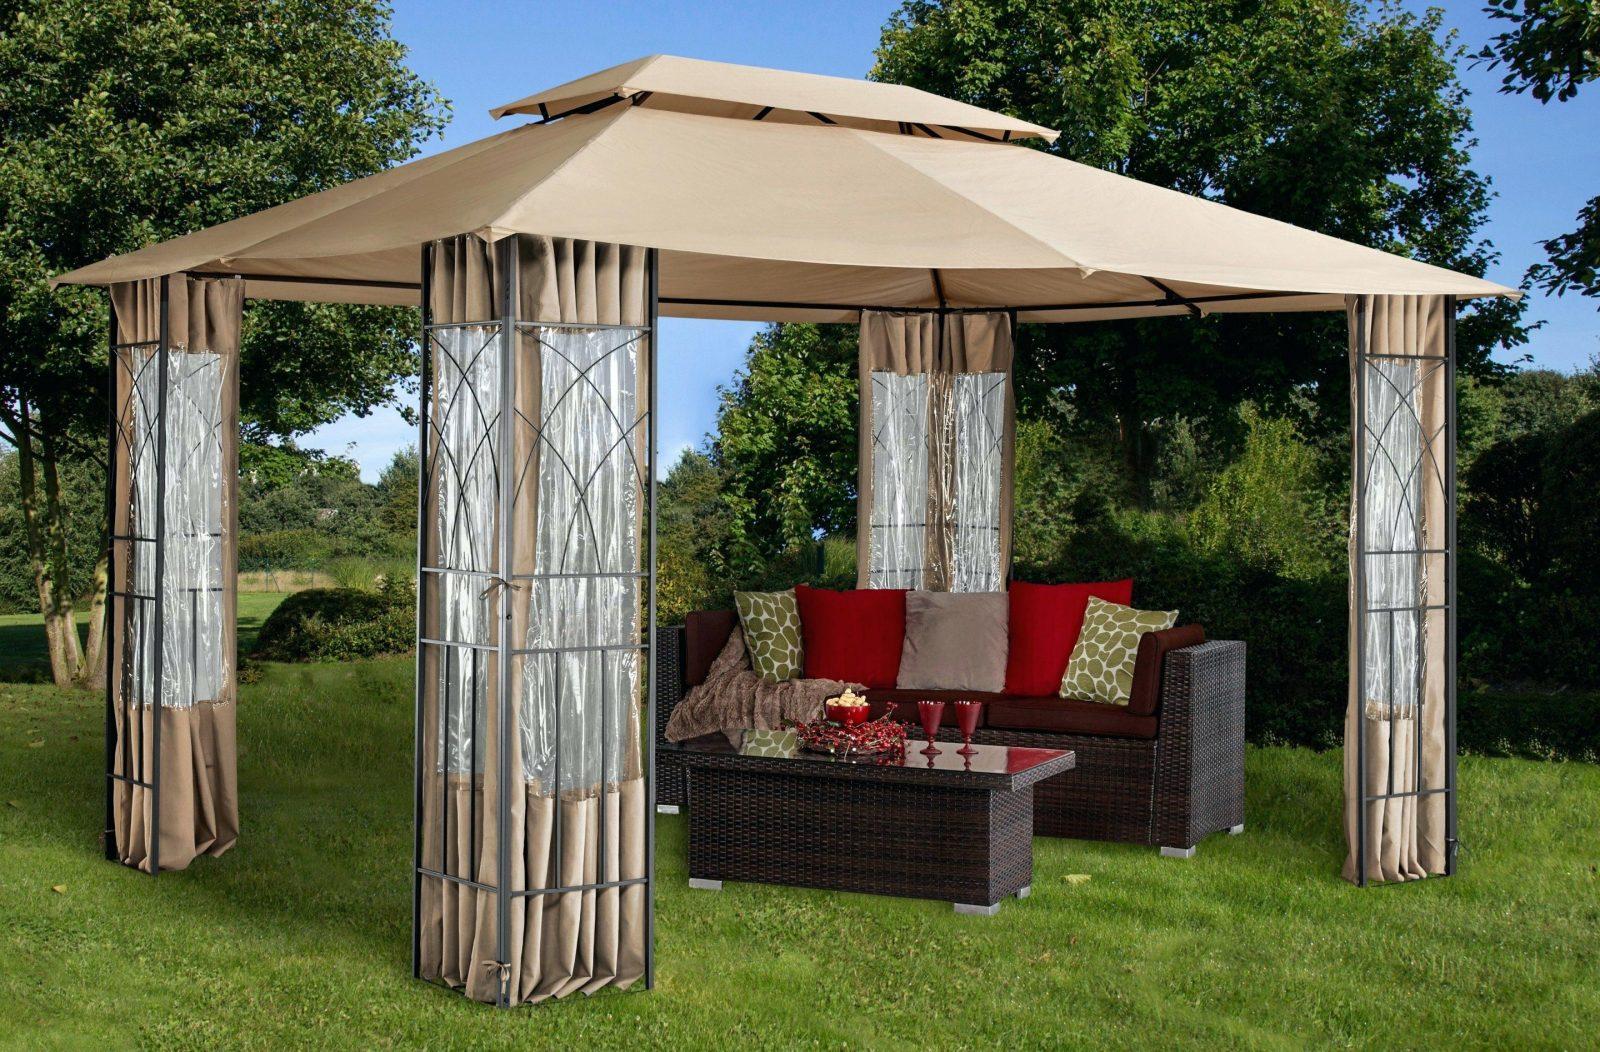 Pavillon 4×4 Wasserdicht – Eastendwinesatx von Ersatzdach Pavillon 4X4 Wasserdicht Bild